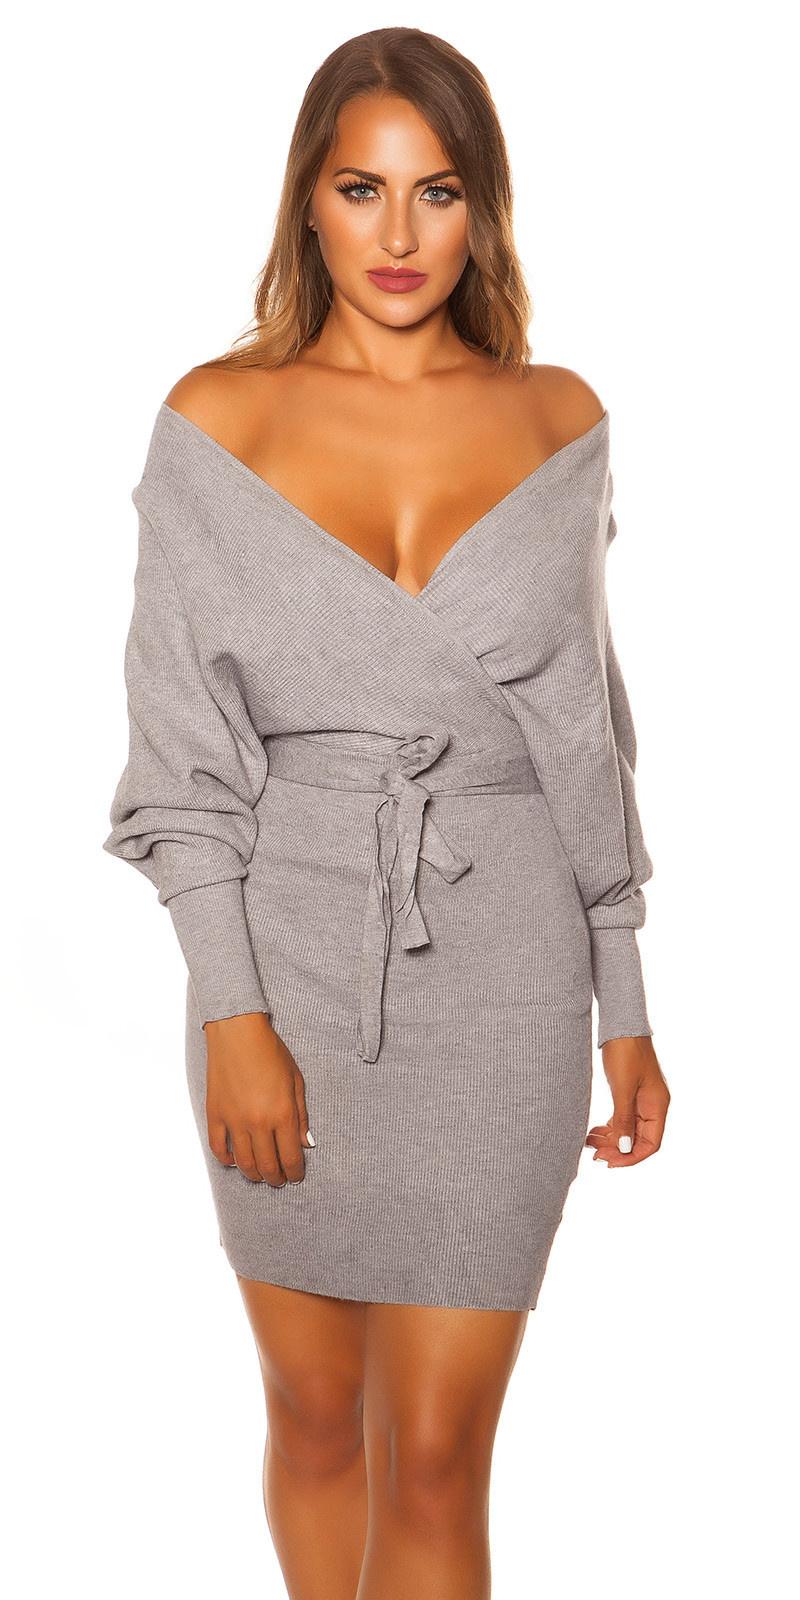 Sexy longsleeve knit dress wrap look Grey